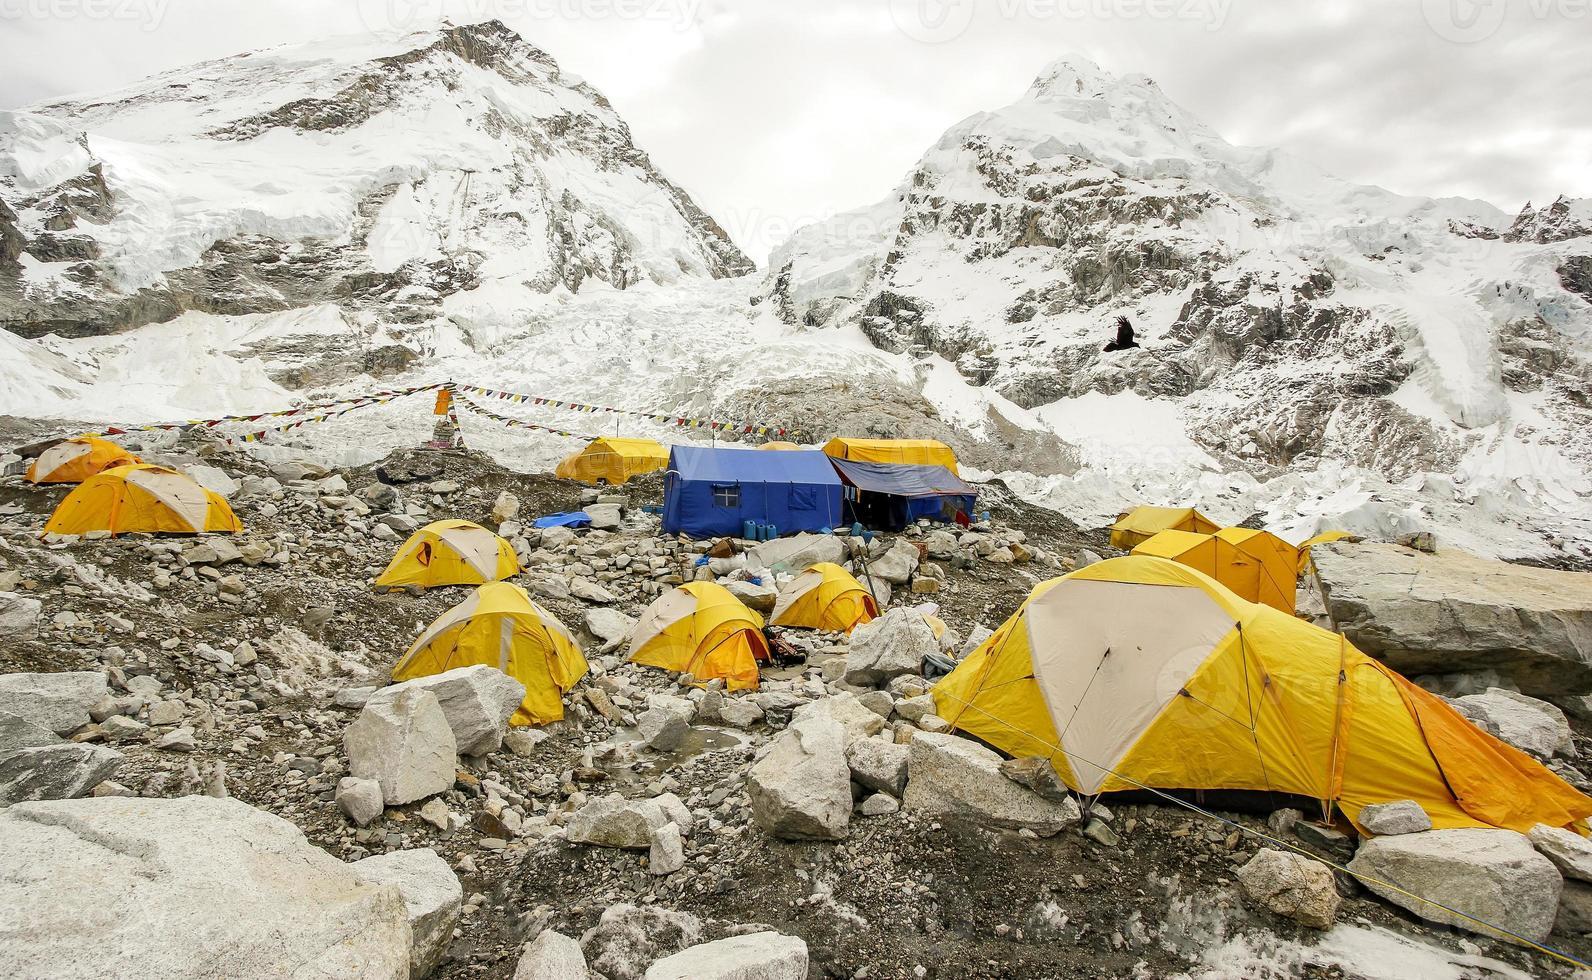 tentes dans le camp de base everest, jour nuageux. photo